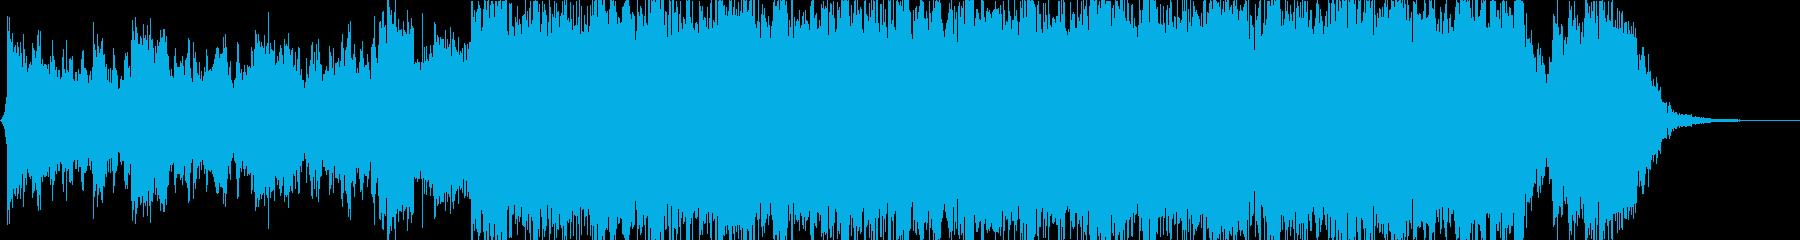 エピックオーケストラ 栄光・希望・未来の再生済みの波形